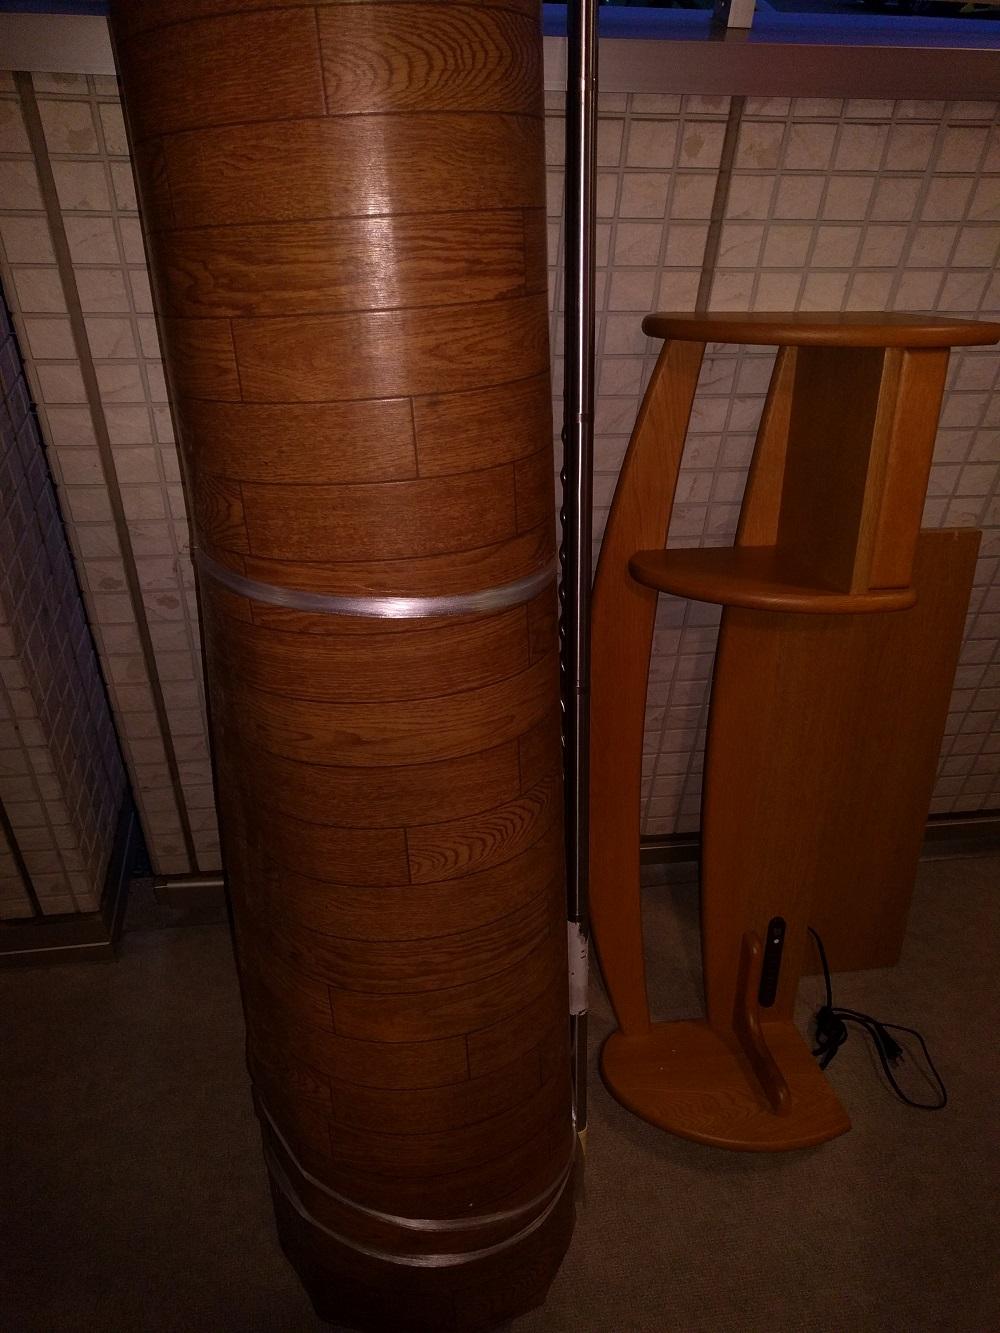 鏡石町で不用品(整理棚、電気カーペット、すのこ)処分ご依頼 お客様の声